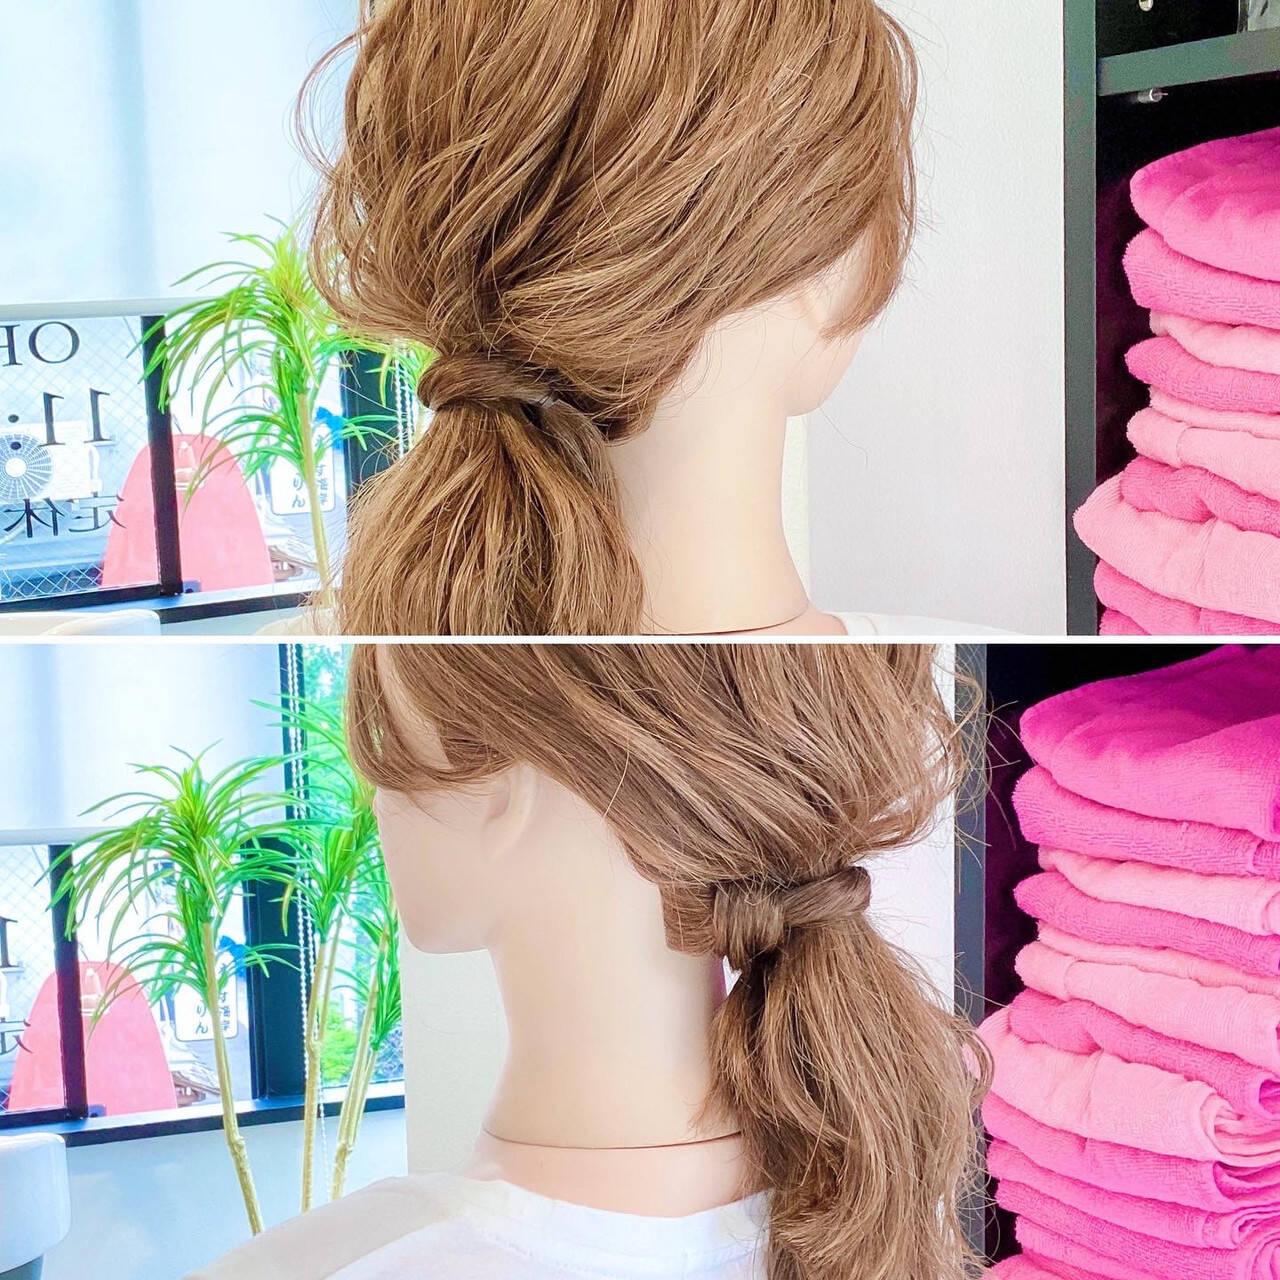 ローポニーテール 簡単ヘアアレンジ ヘアアレンジ ポニーテールヘアスタイルや髪型の写真・画像